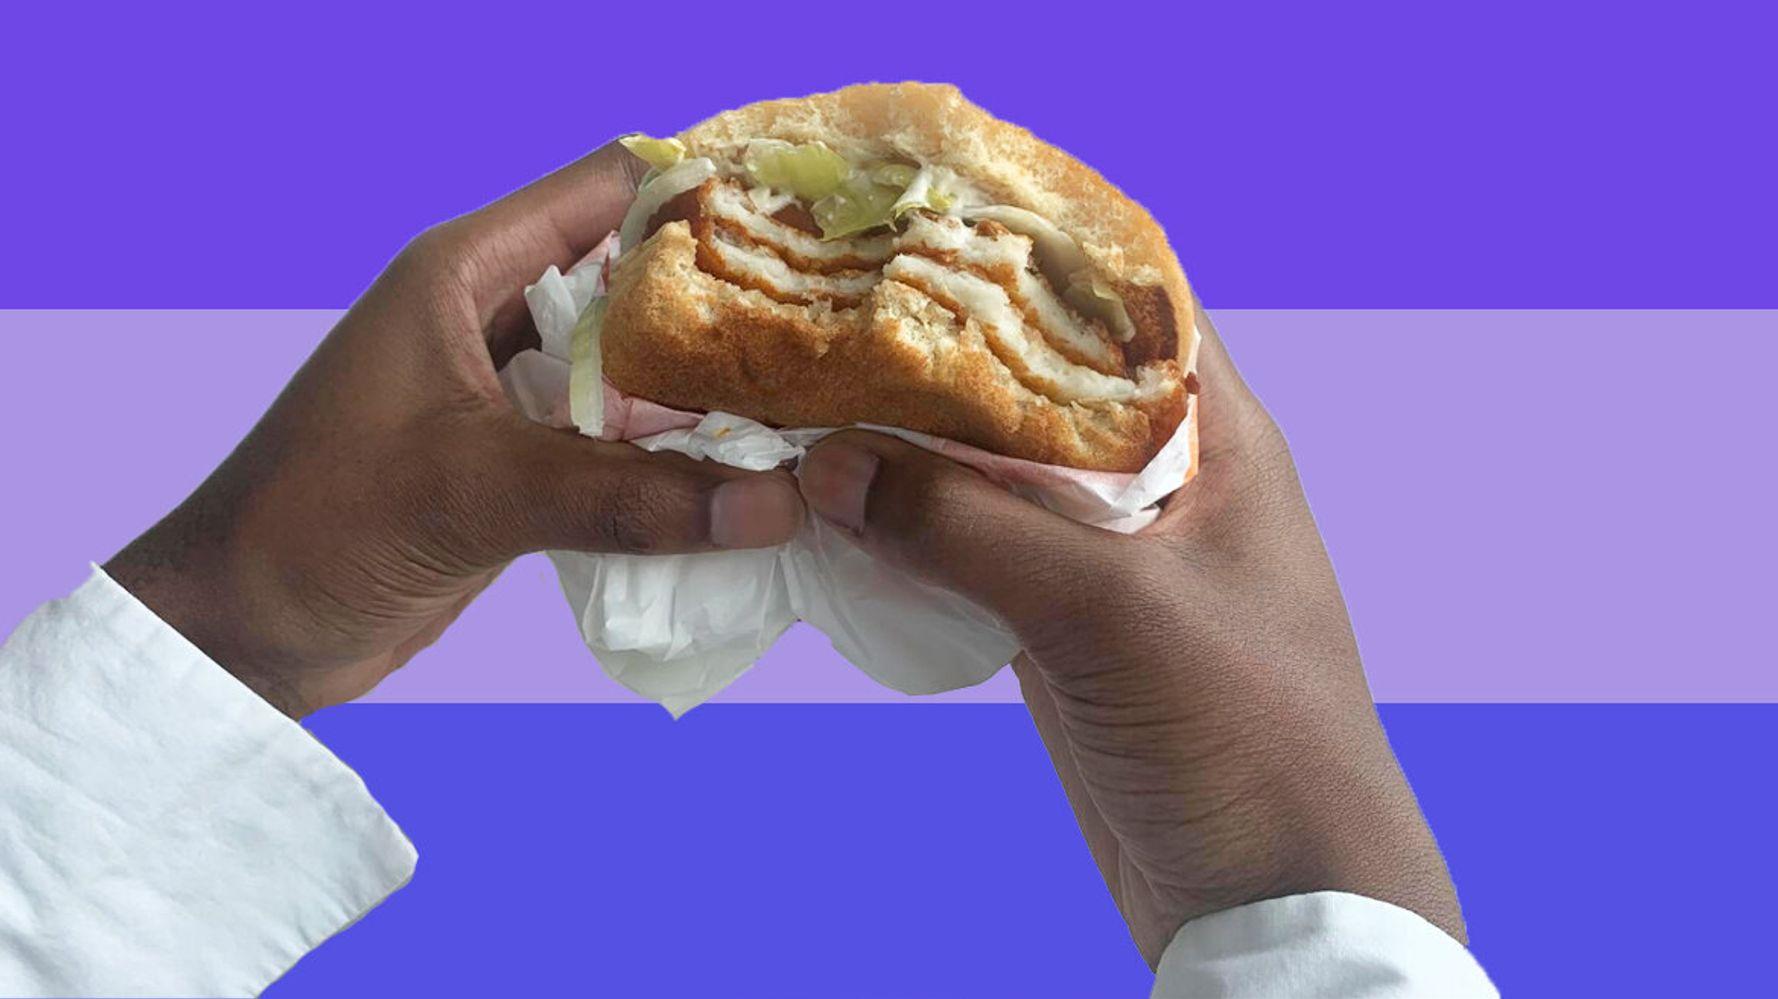 We Review The Burger King Halloumi Burger